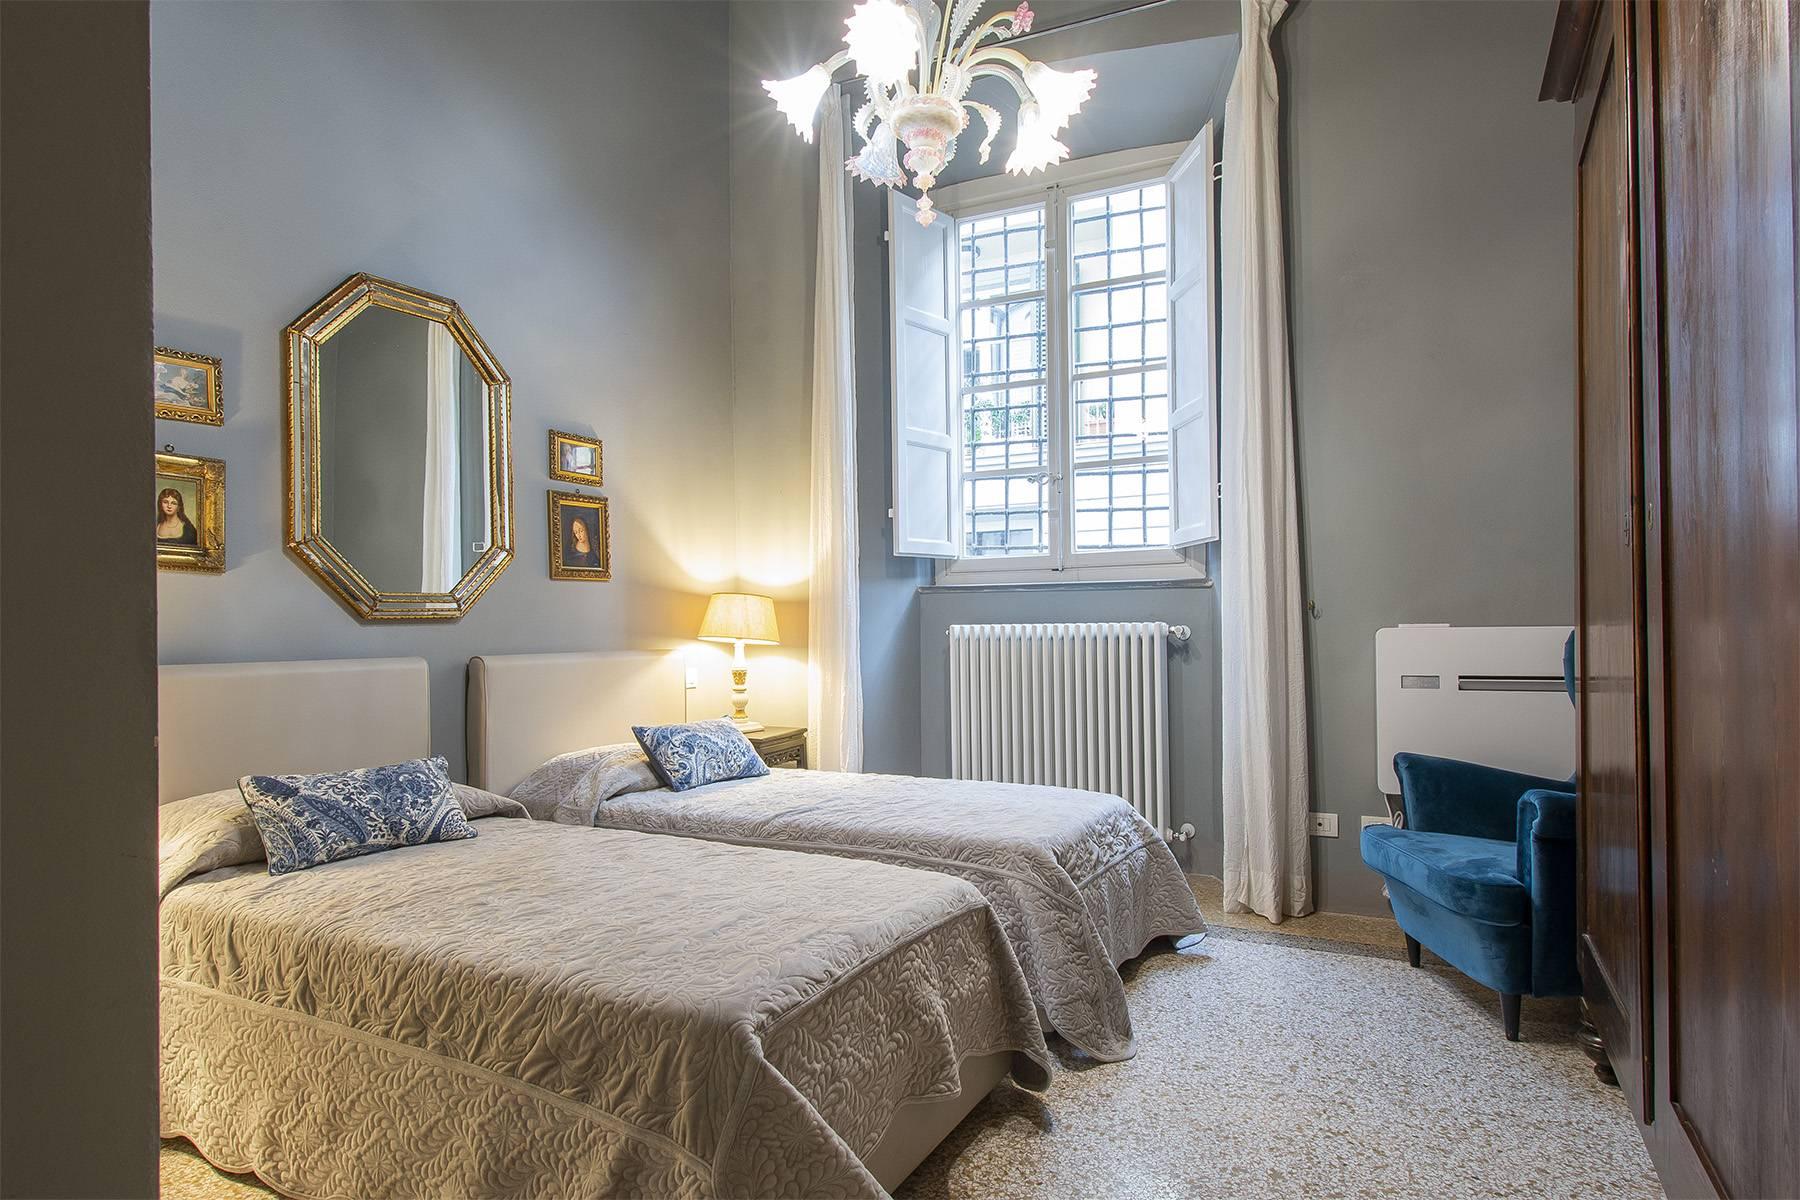 Appartamento in Vendita a Lucca: 5 locali, 167 mq - Foto 12